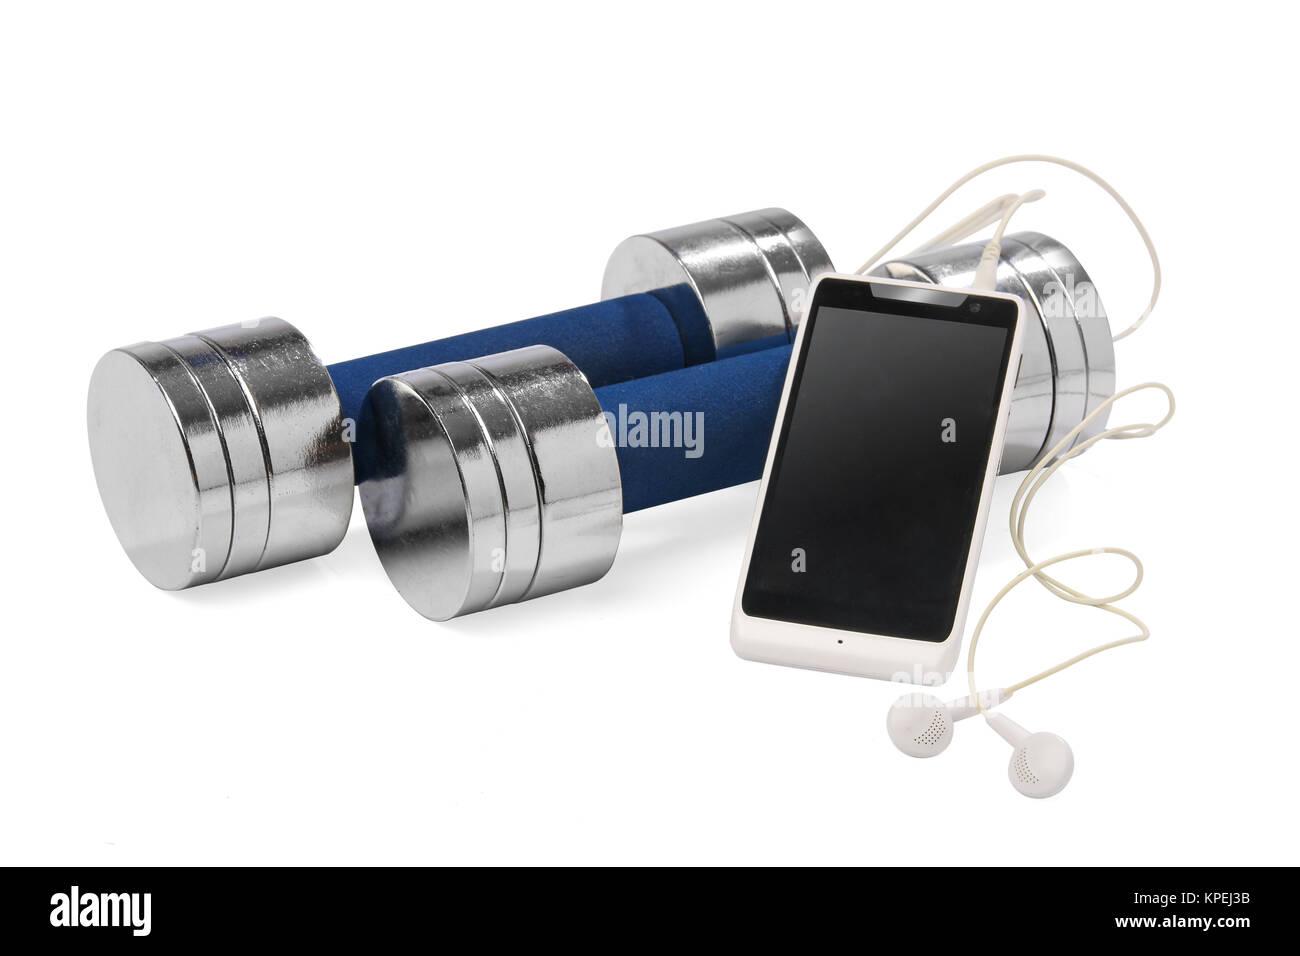 Une paire d'haltères et un smartphone. Concept de remise en forme Photo Stock